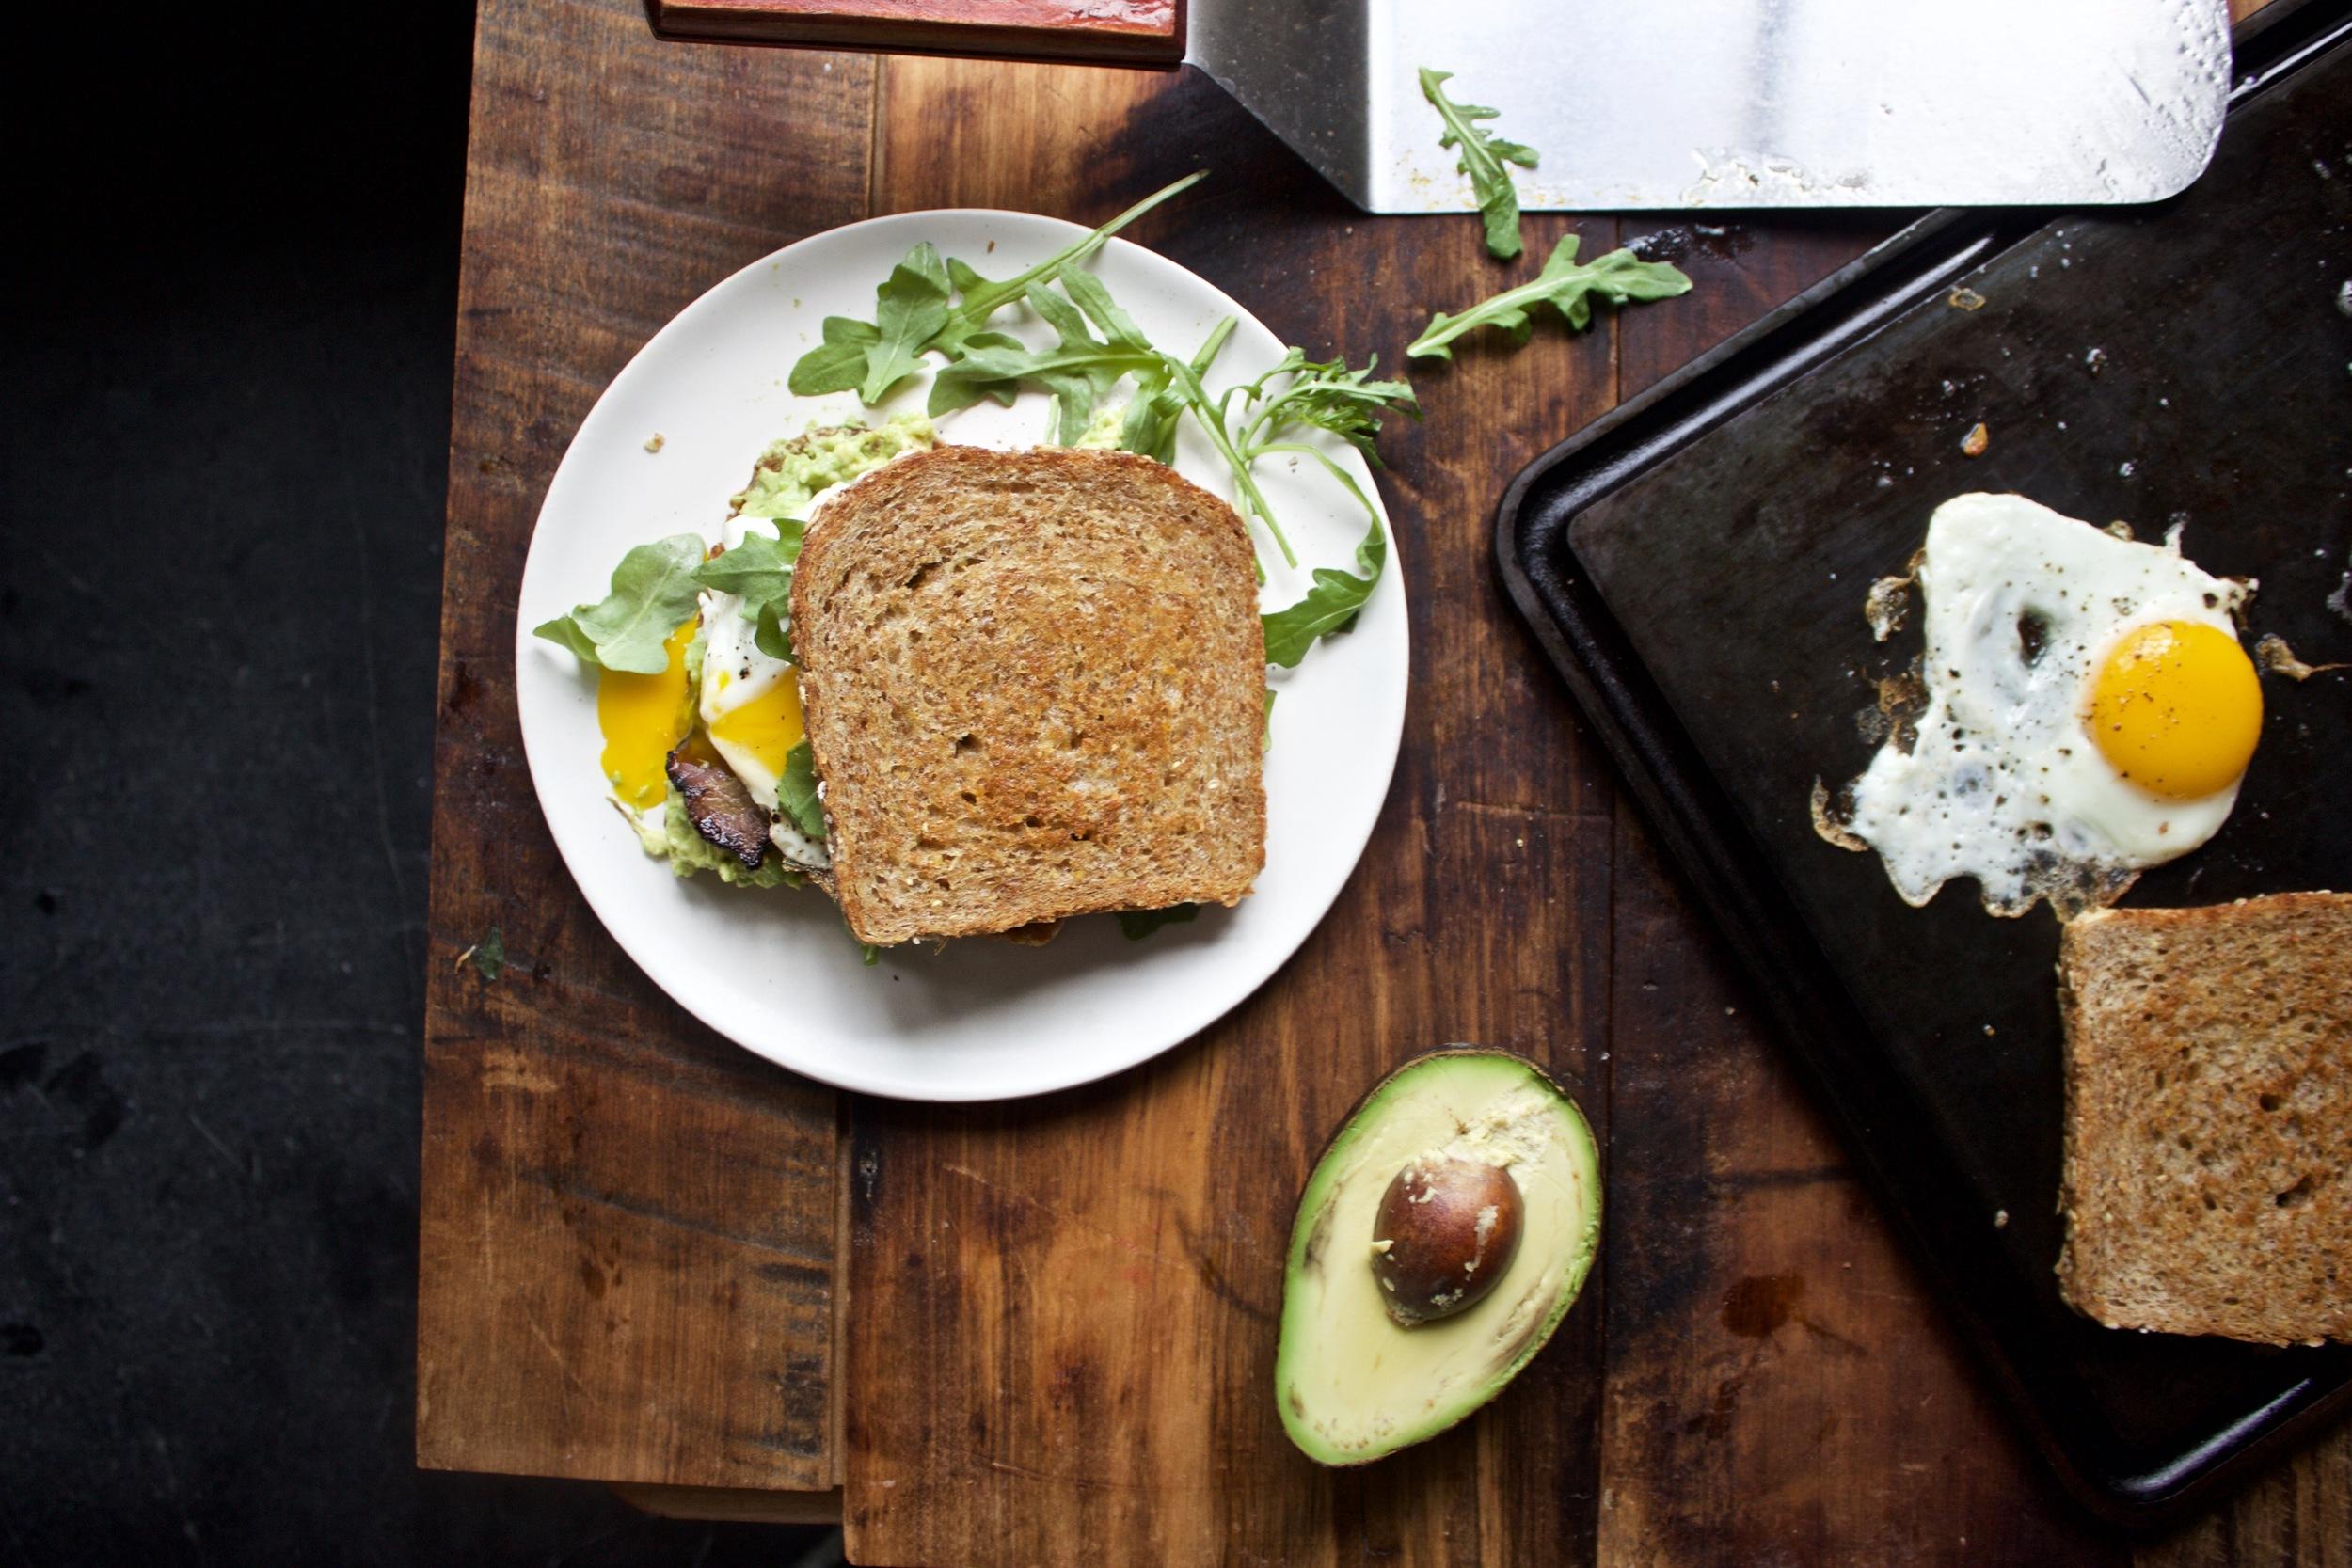 The Baking Steel Mini breakfast sandwich